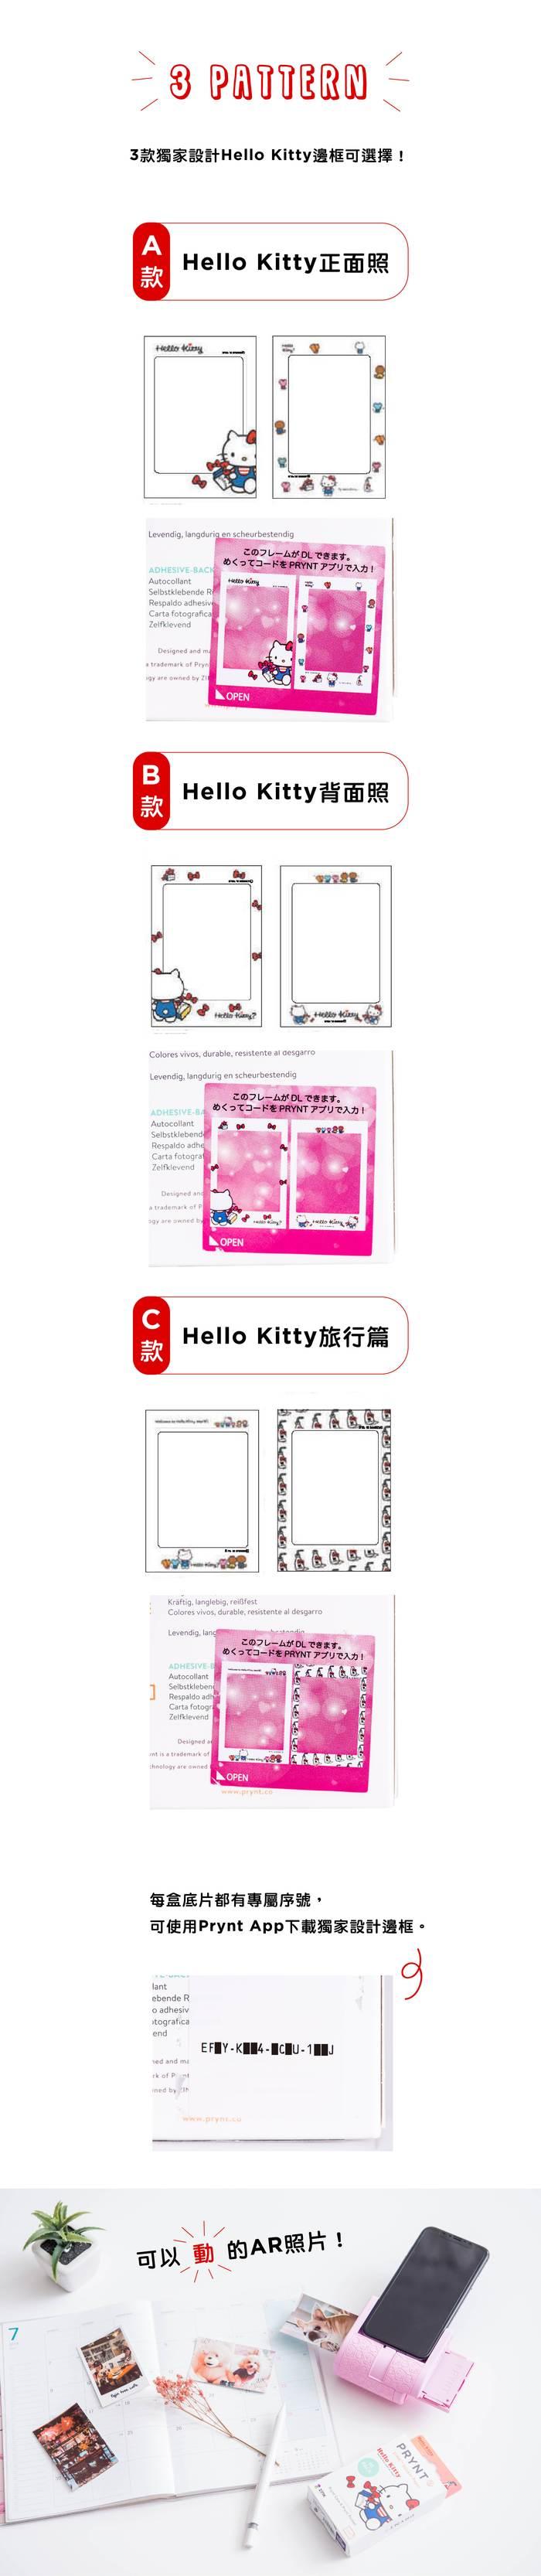 (複製)PRYNT|Prynt Pocket 之 ZINK 專屬相片貼紙底片40張/盒